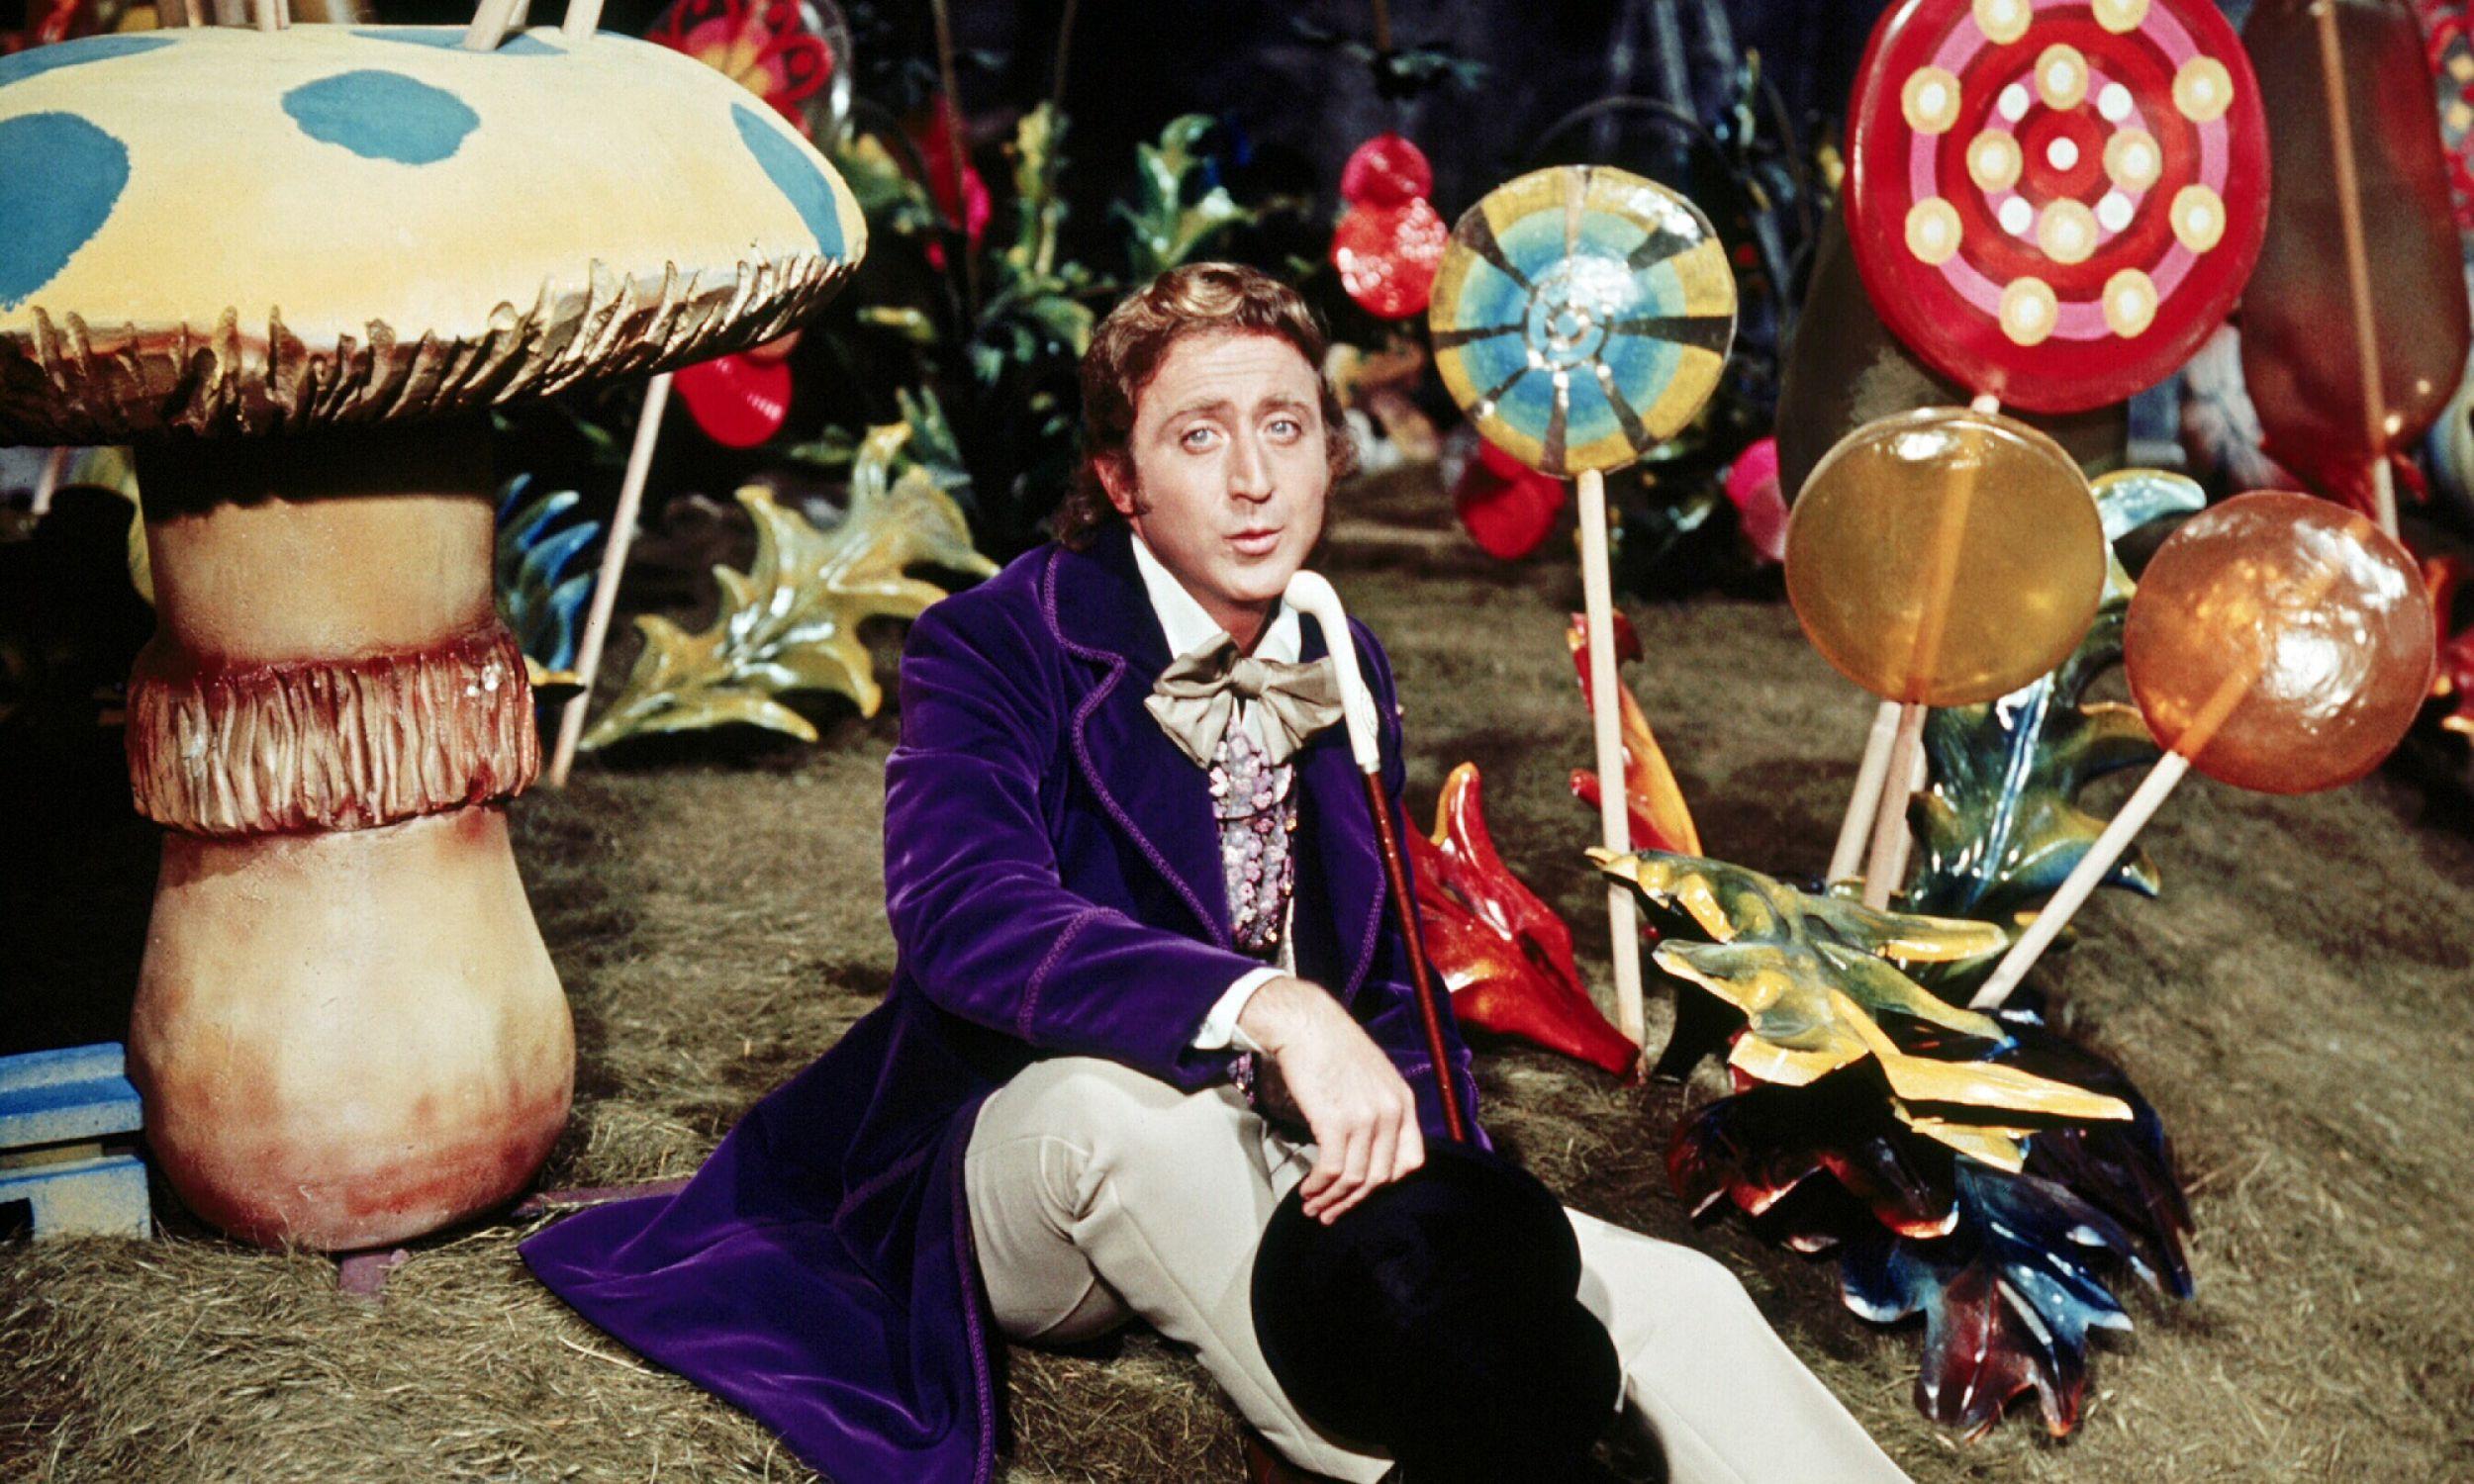 """Gene Wilder (1933 - 2016) jako Willy Wonka w filmie """"Willy Wonka i fabryka czekolady"""" z 1971. Fot. Silver Screen Collection / Getty Images"""